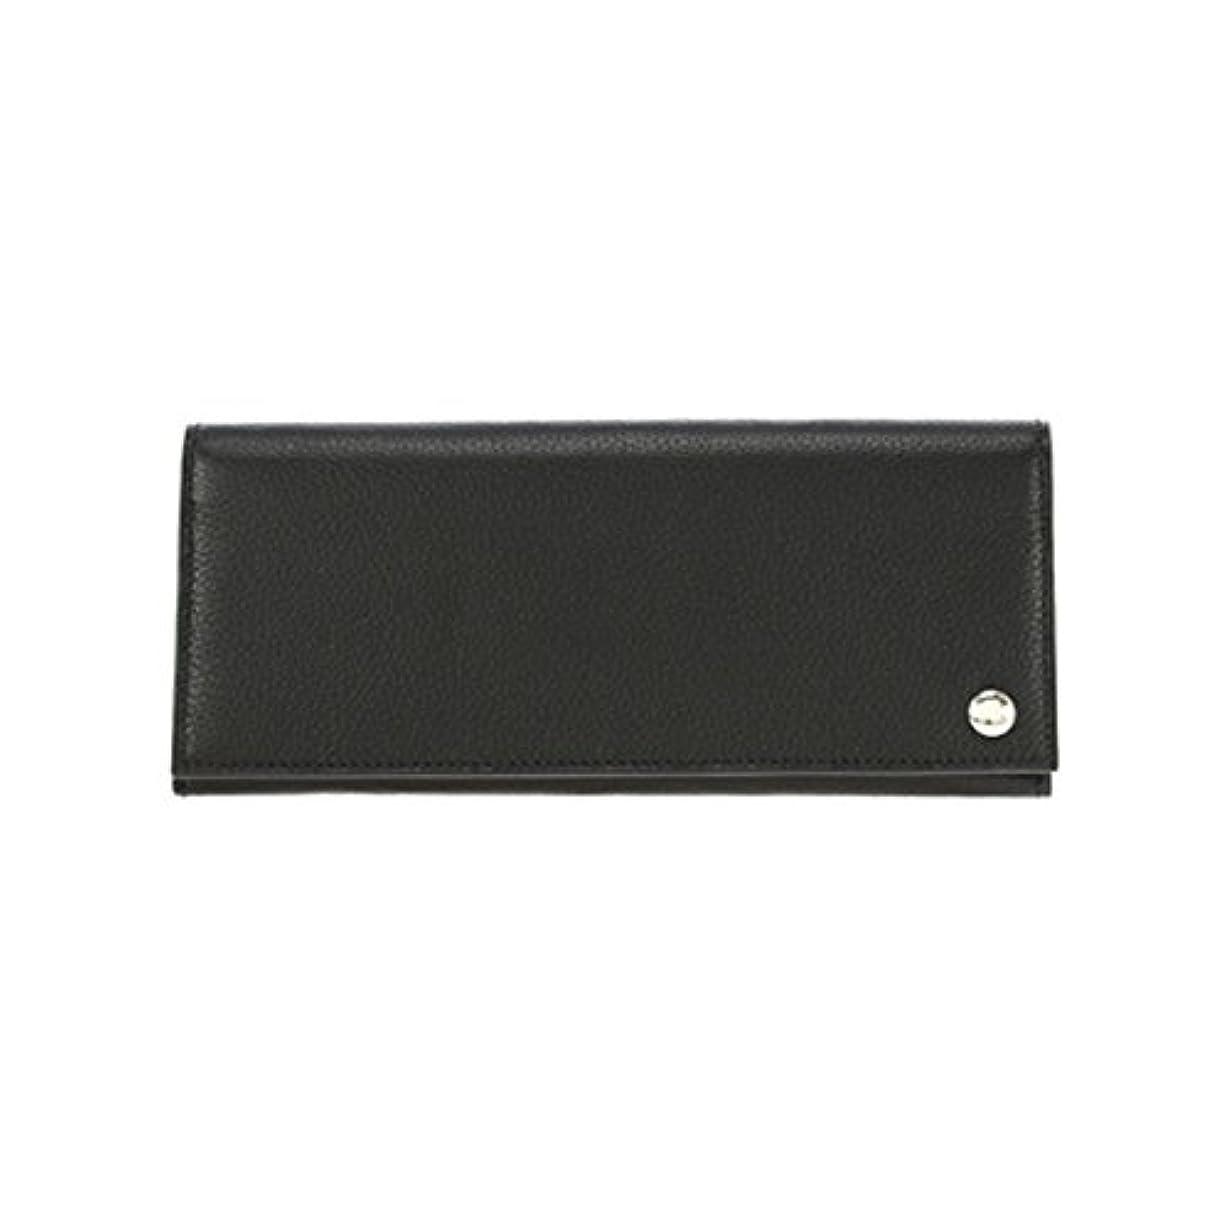 時価値大統領ダンヒル DUNHILL 長財布 メンズ L2V310A ブラック